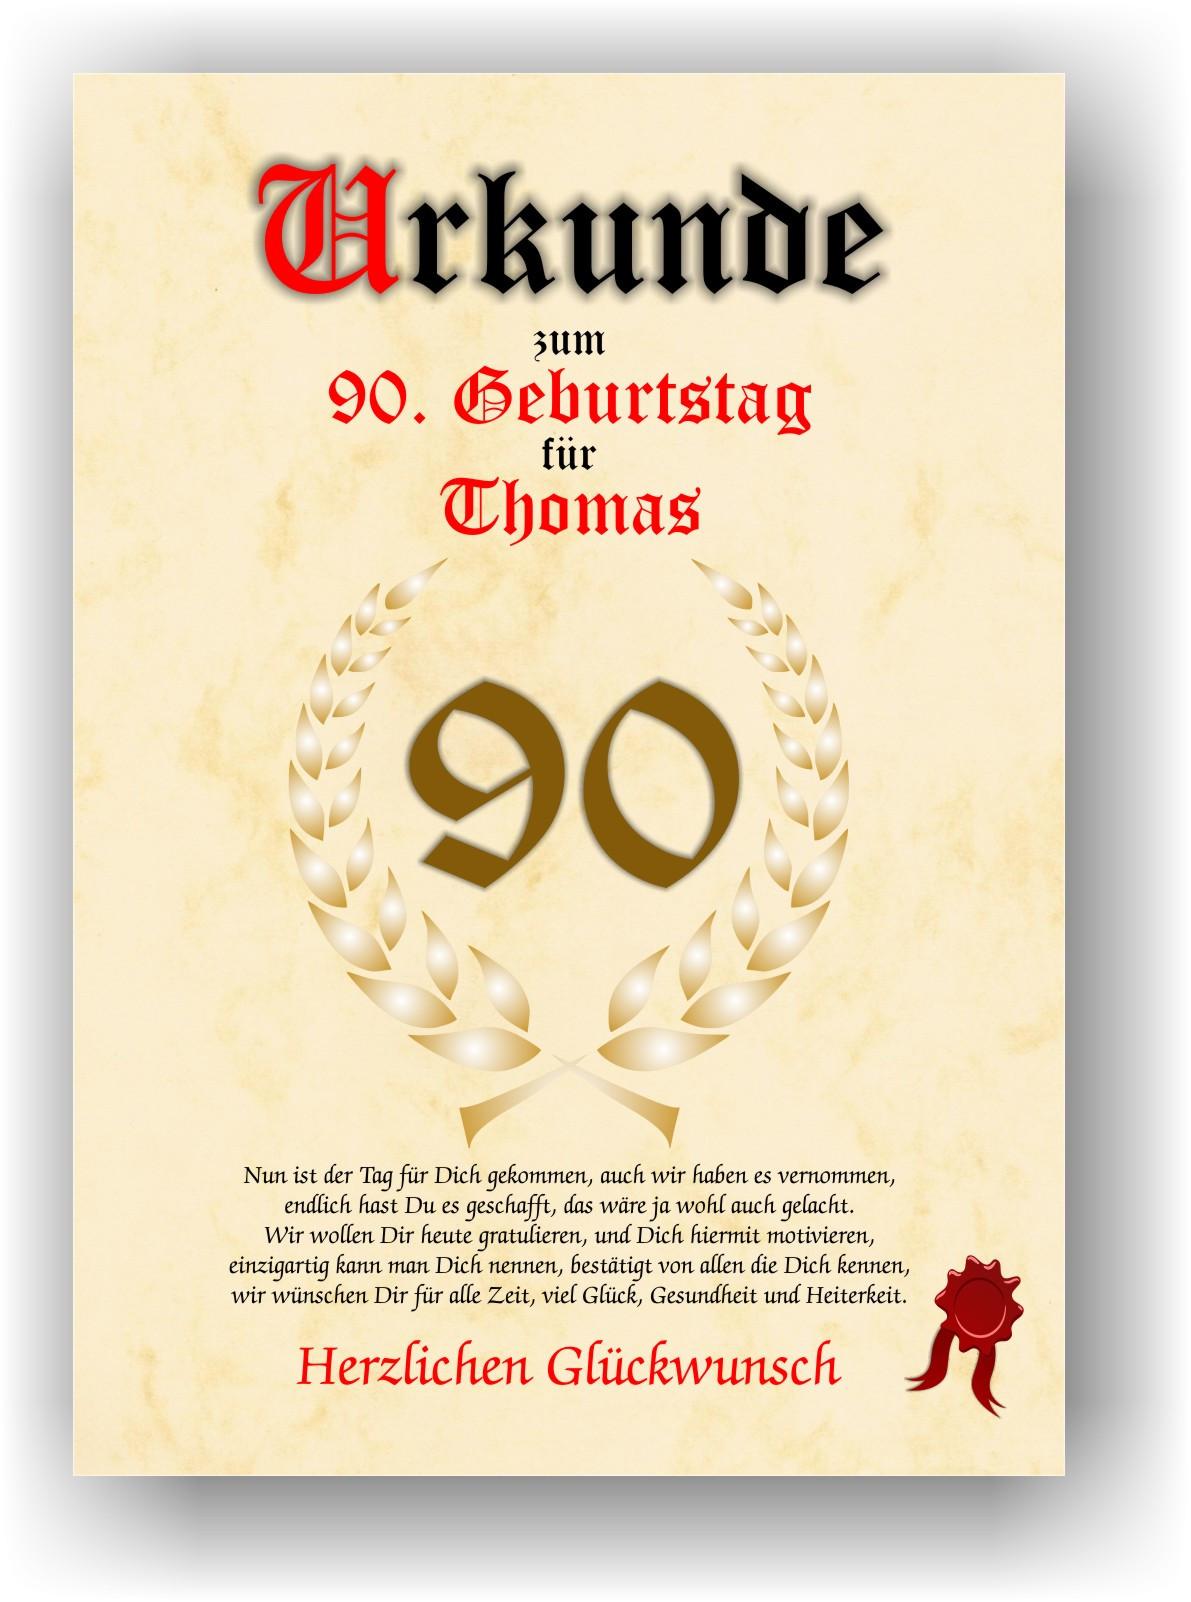 90 Geburtstag Zitate  Urkunde zum 90 GEBURTSTAG Geschenkidee Geburtstagsurkunde